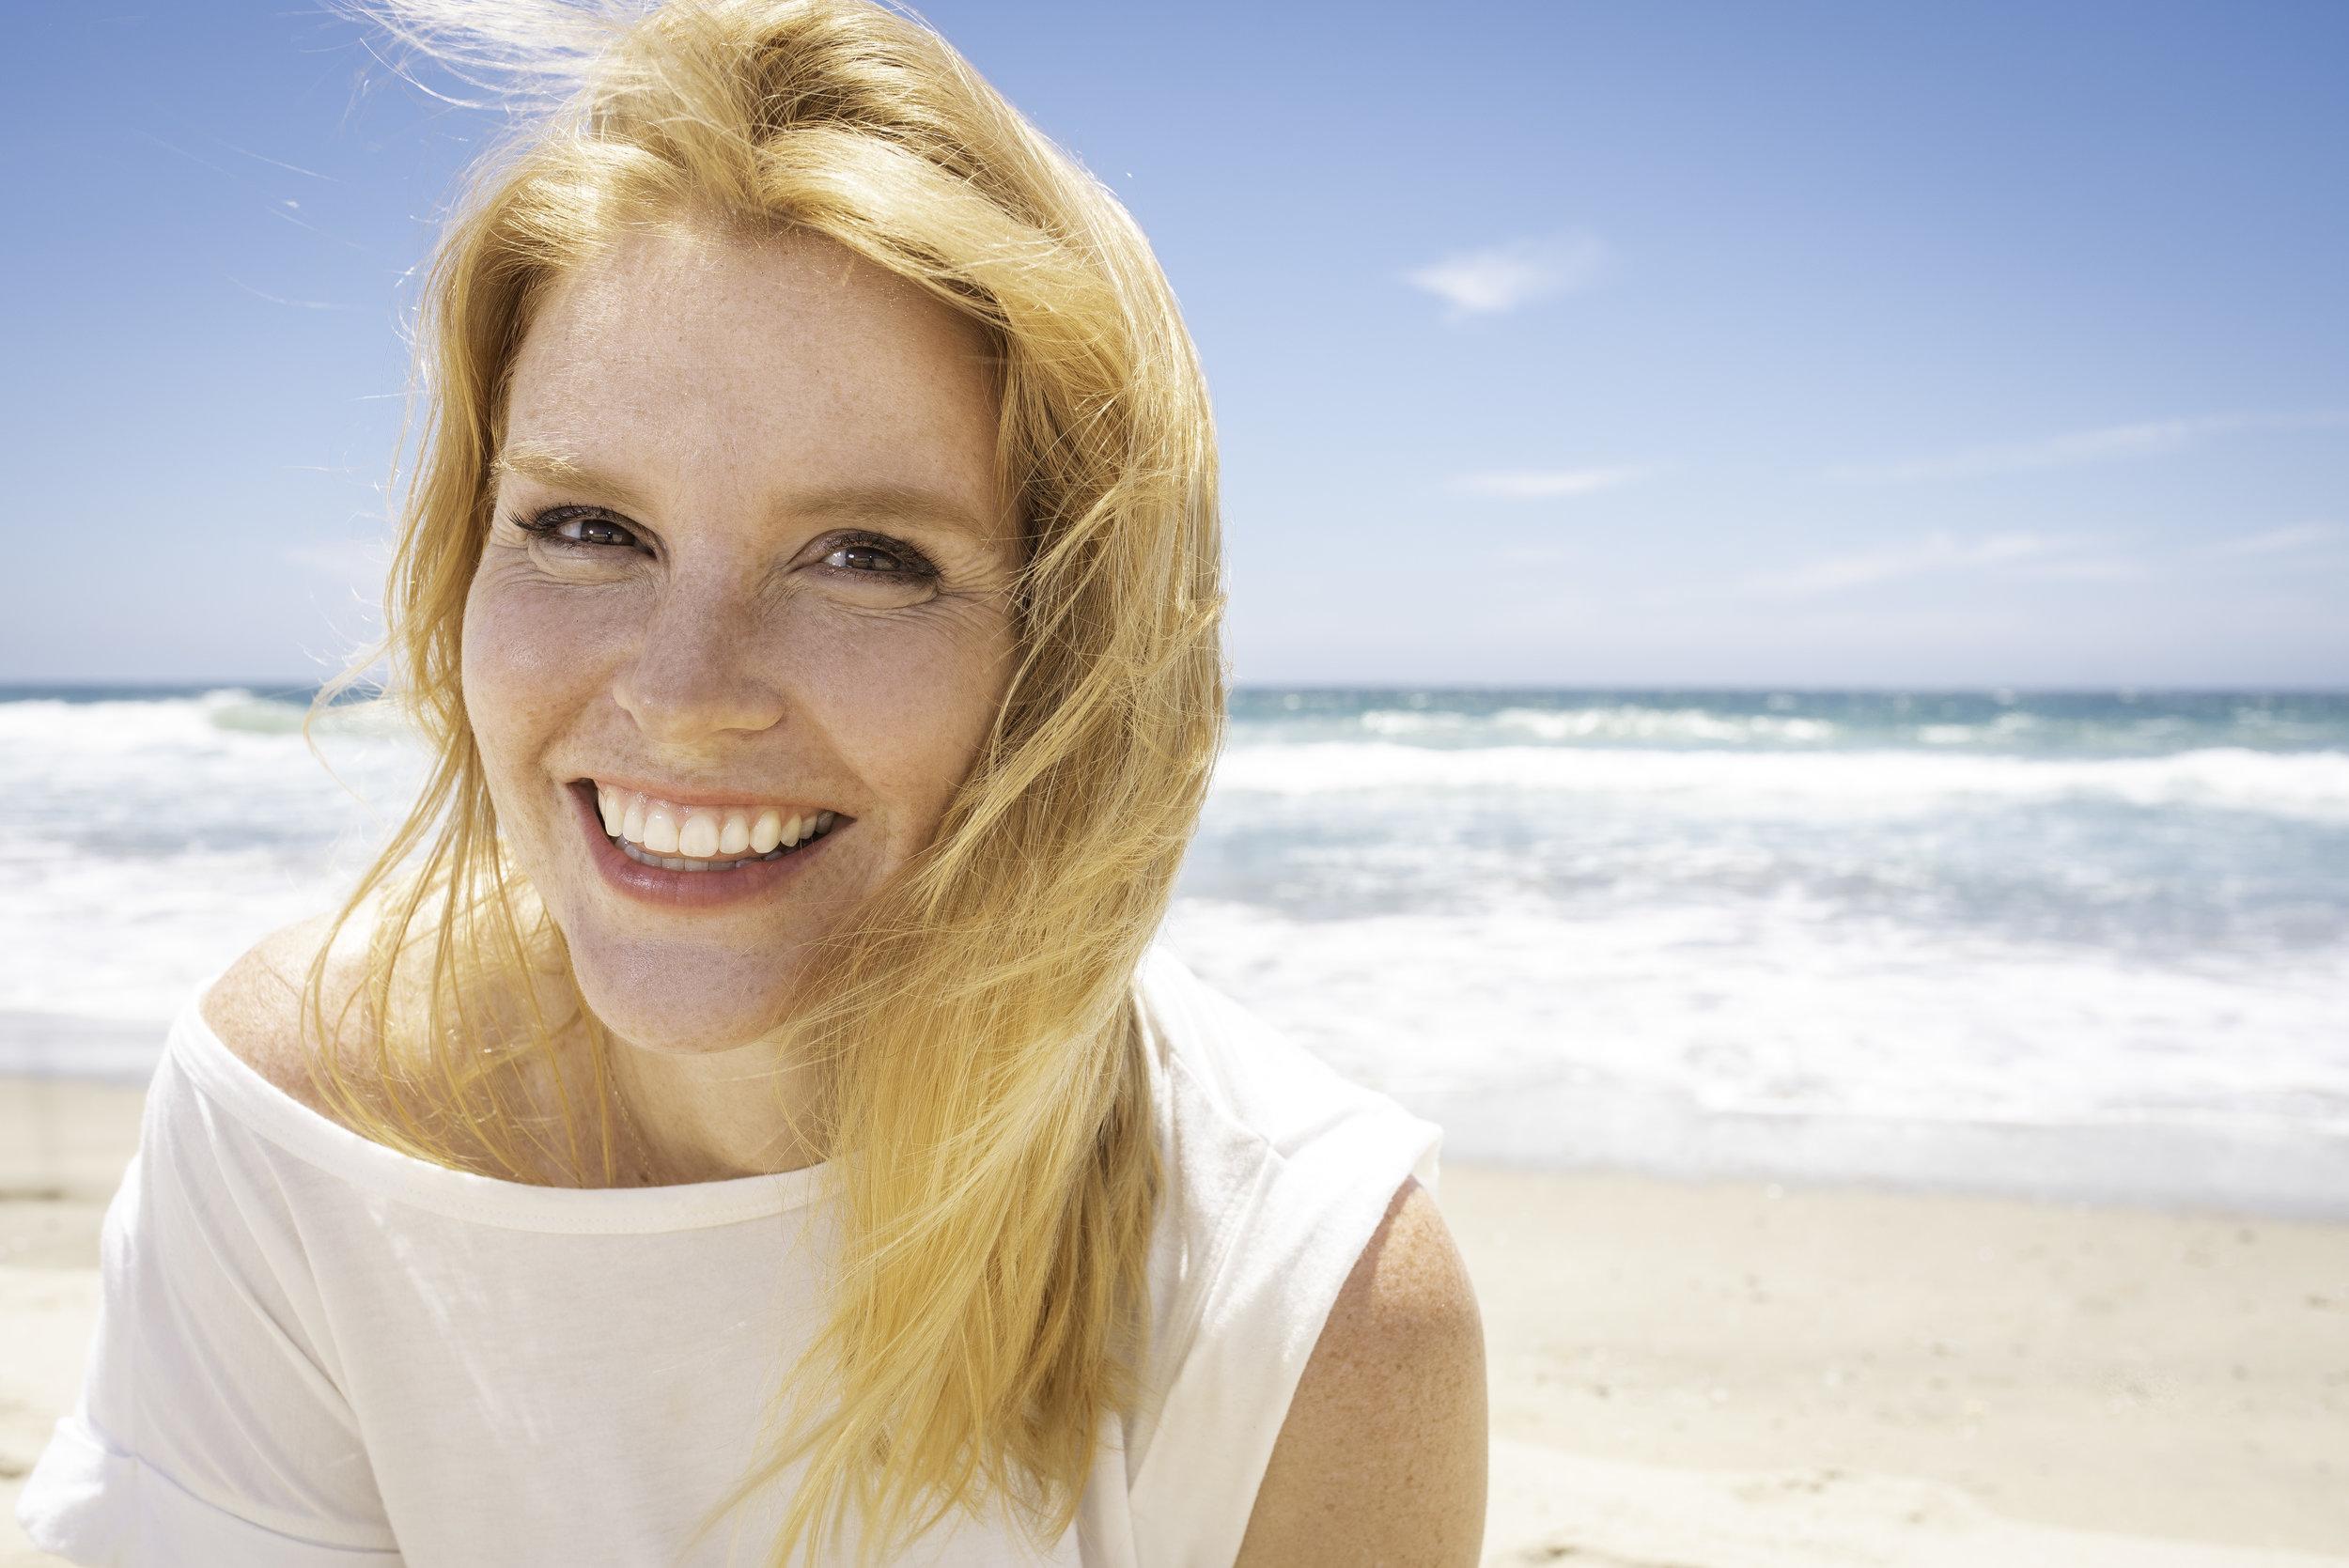 Photographer- Lauren Schiff. Actor- Leslie Shires.